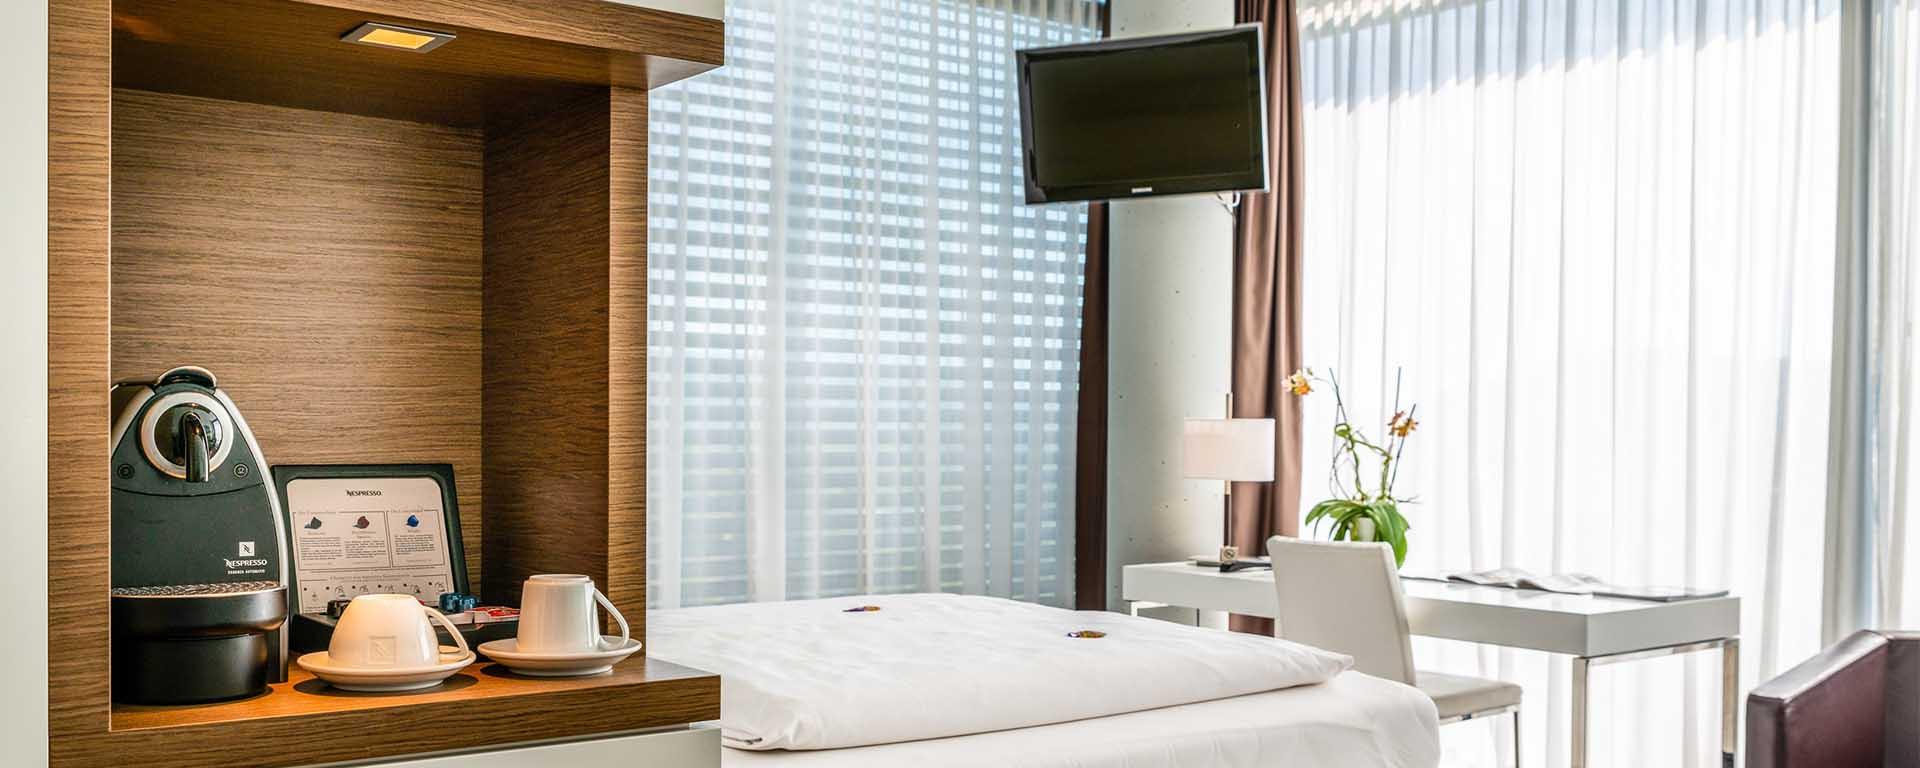 HEGAU-TOWER HOTEL : Lehnen Sie sich zurück